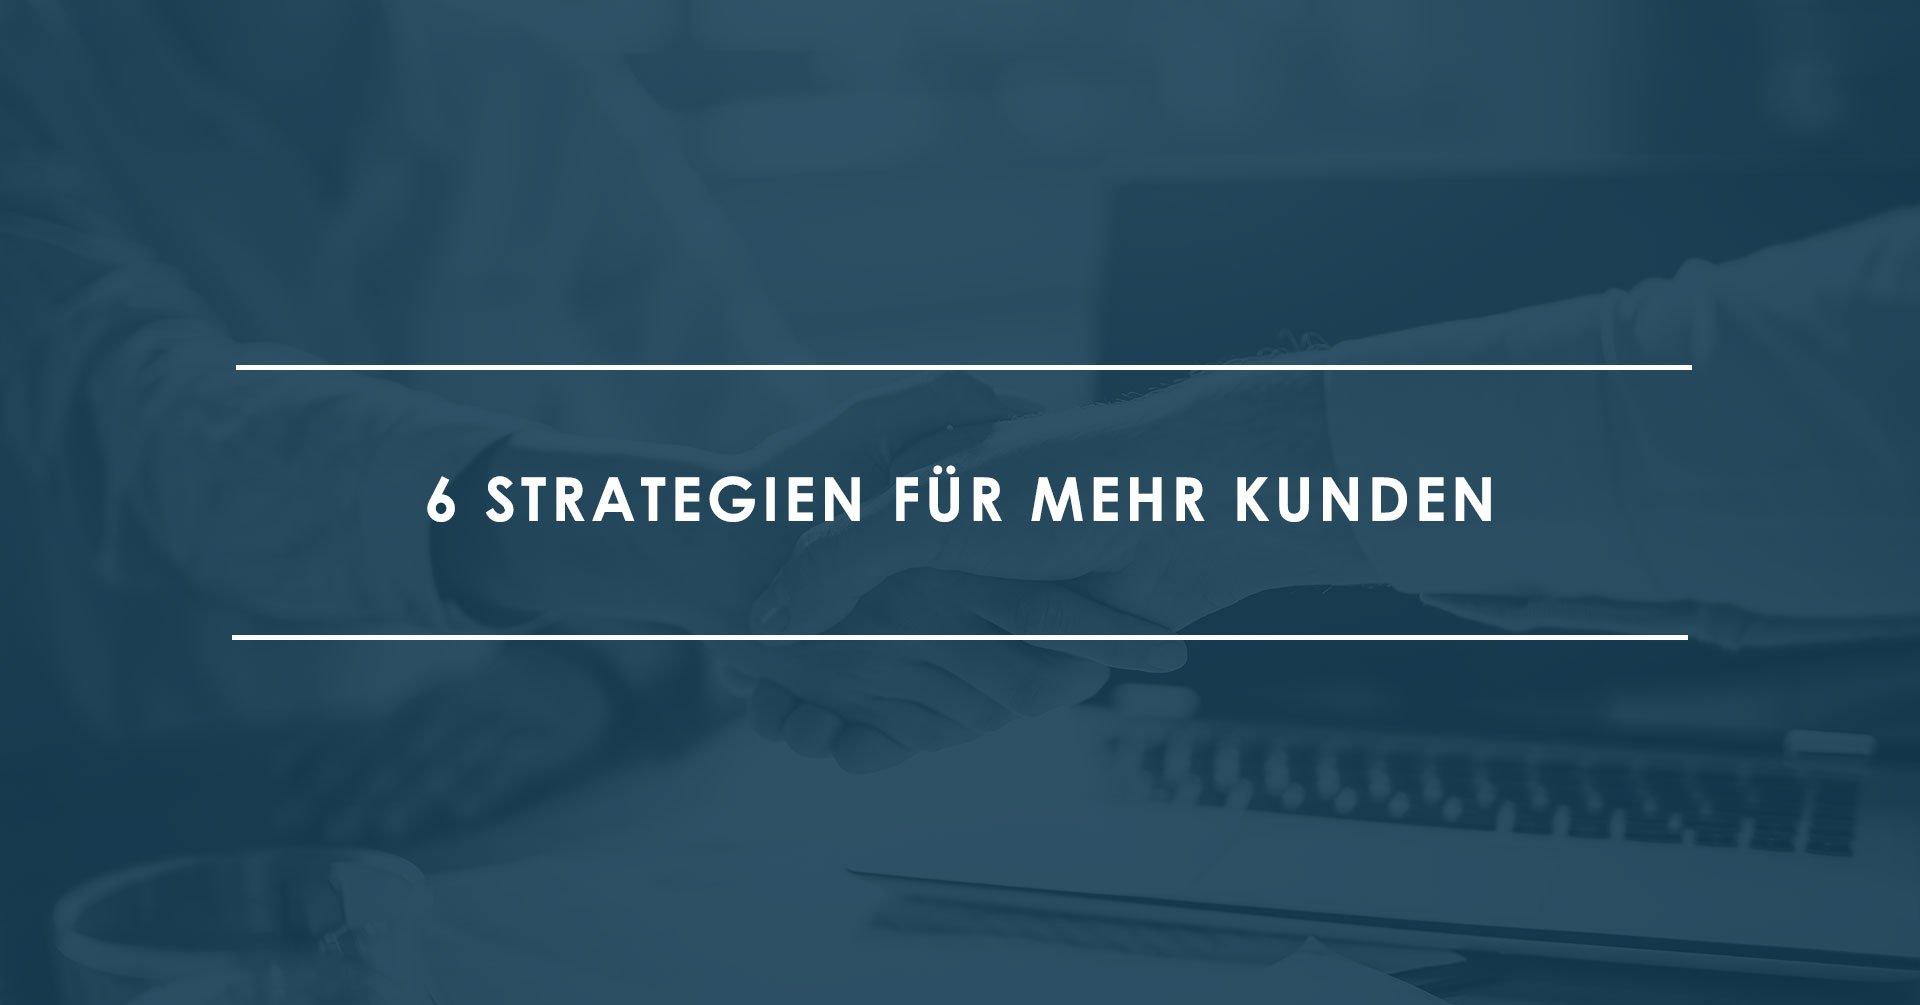 6-Strategien,-um-mehr-Kunden-zu-gewinnen